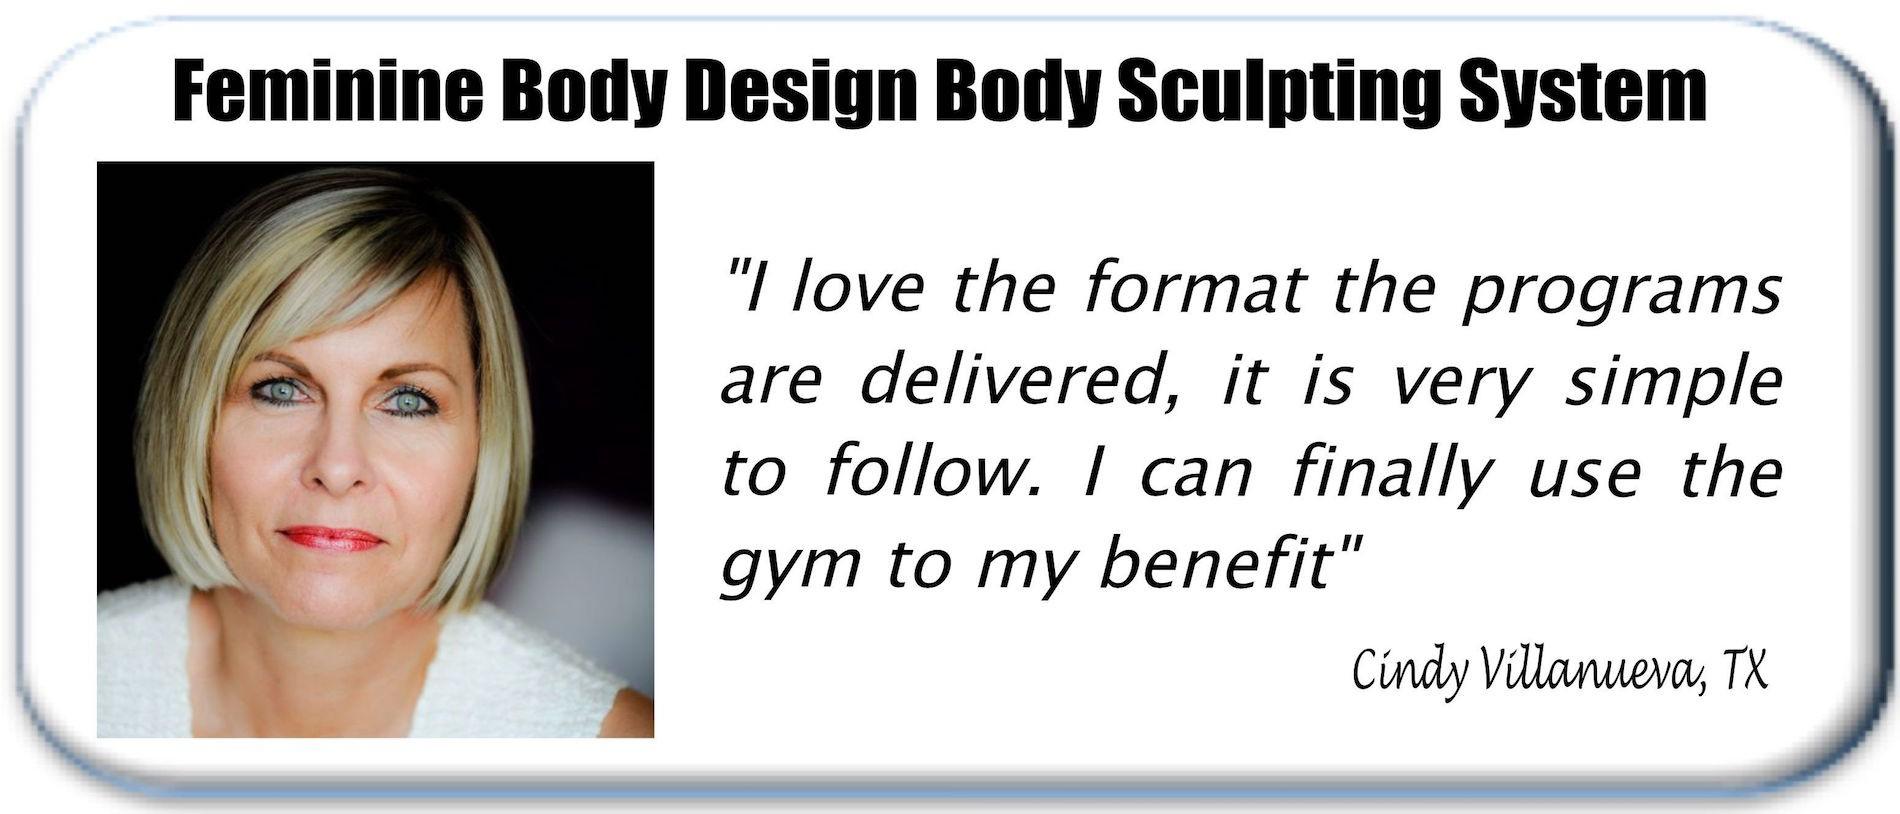 Feminine Body Design women's strength training testimonial